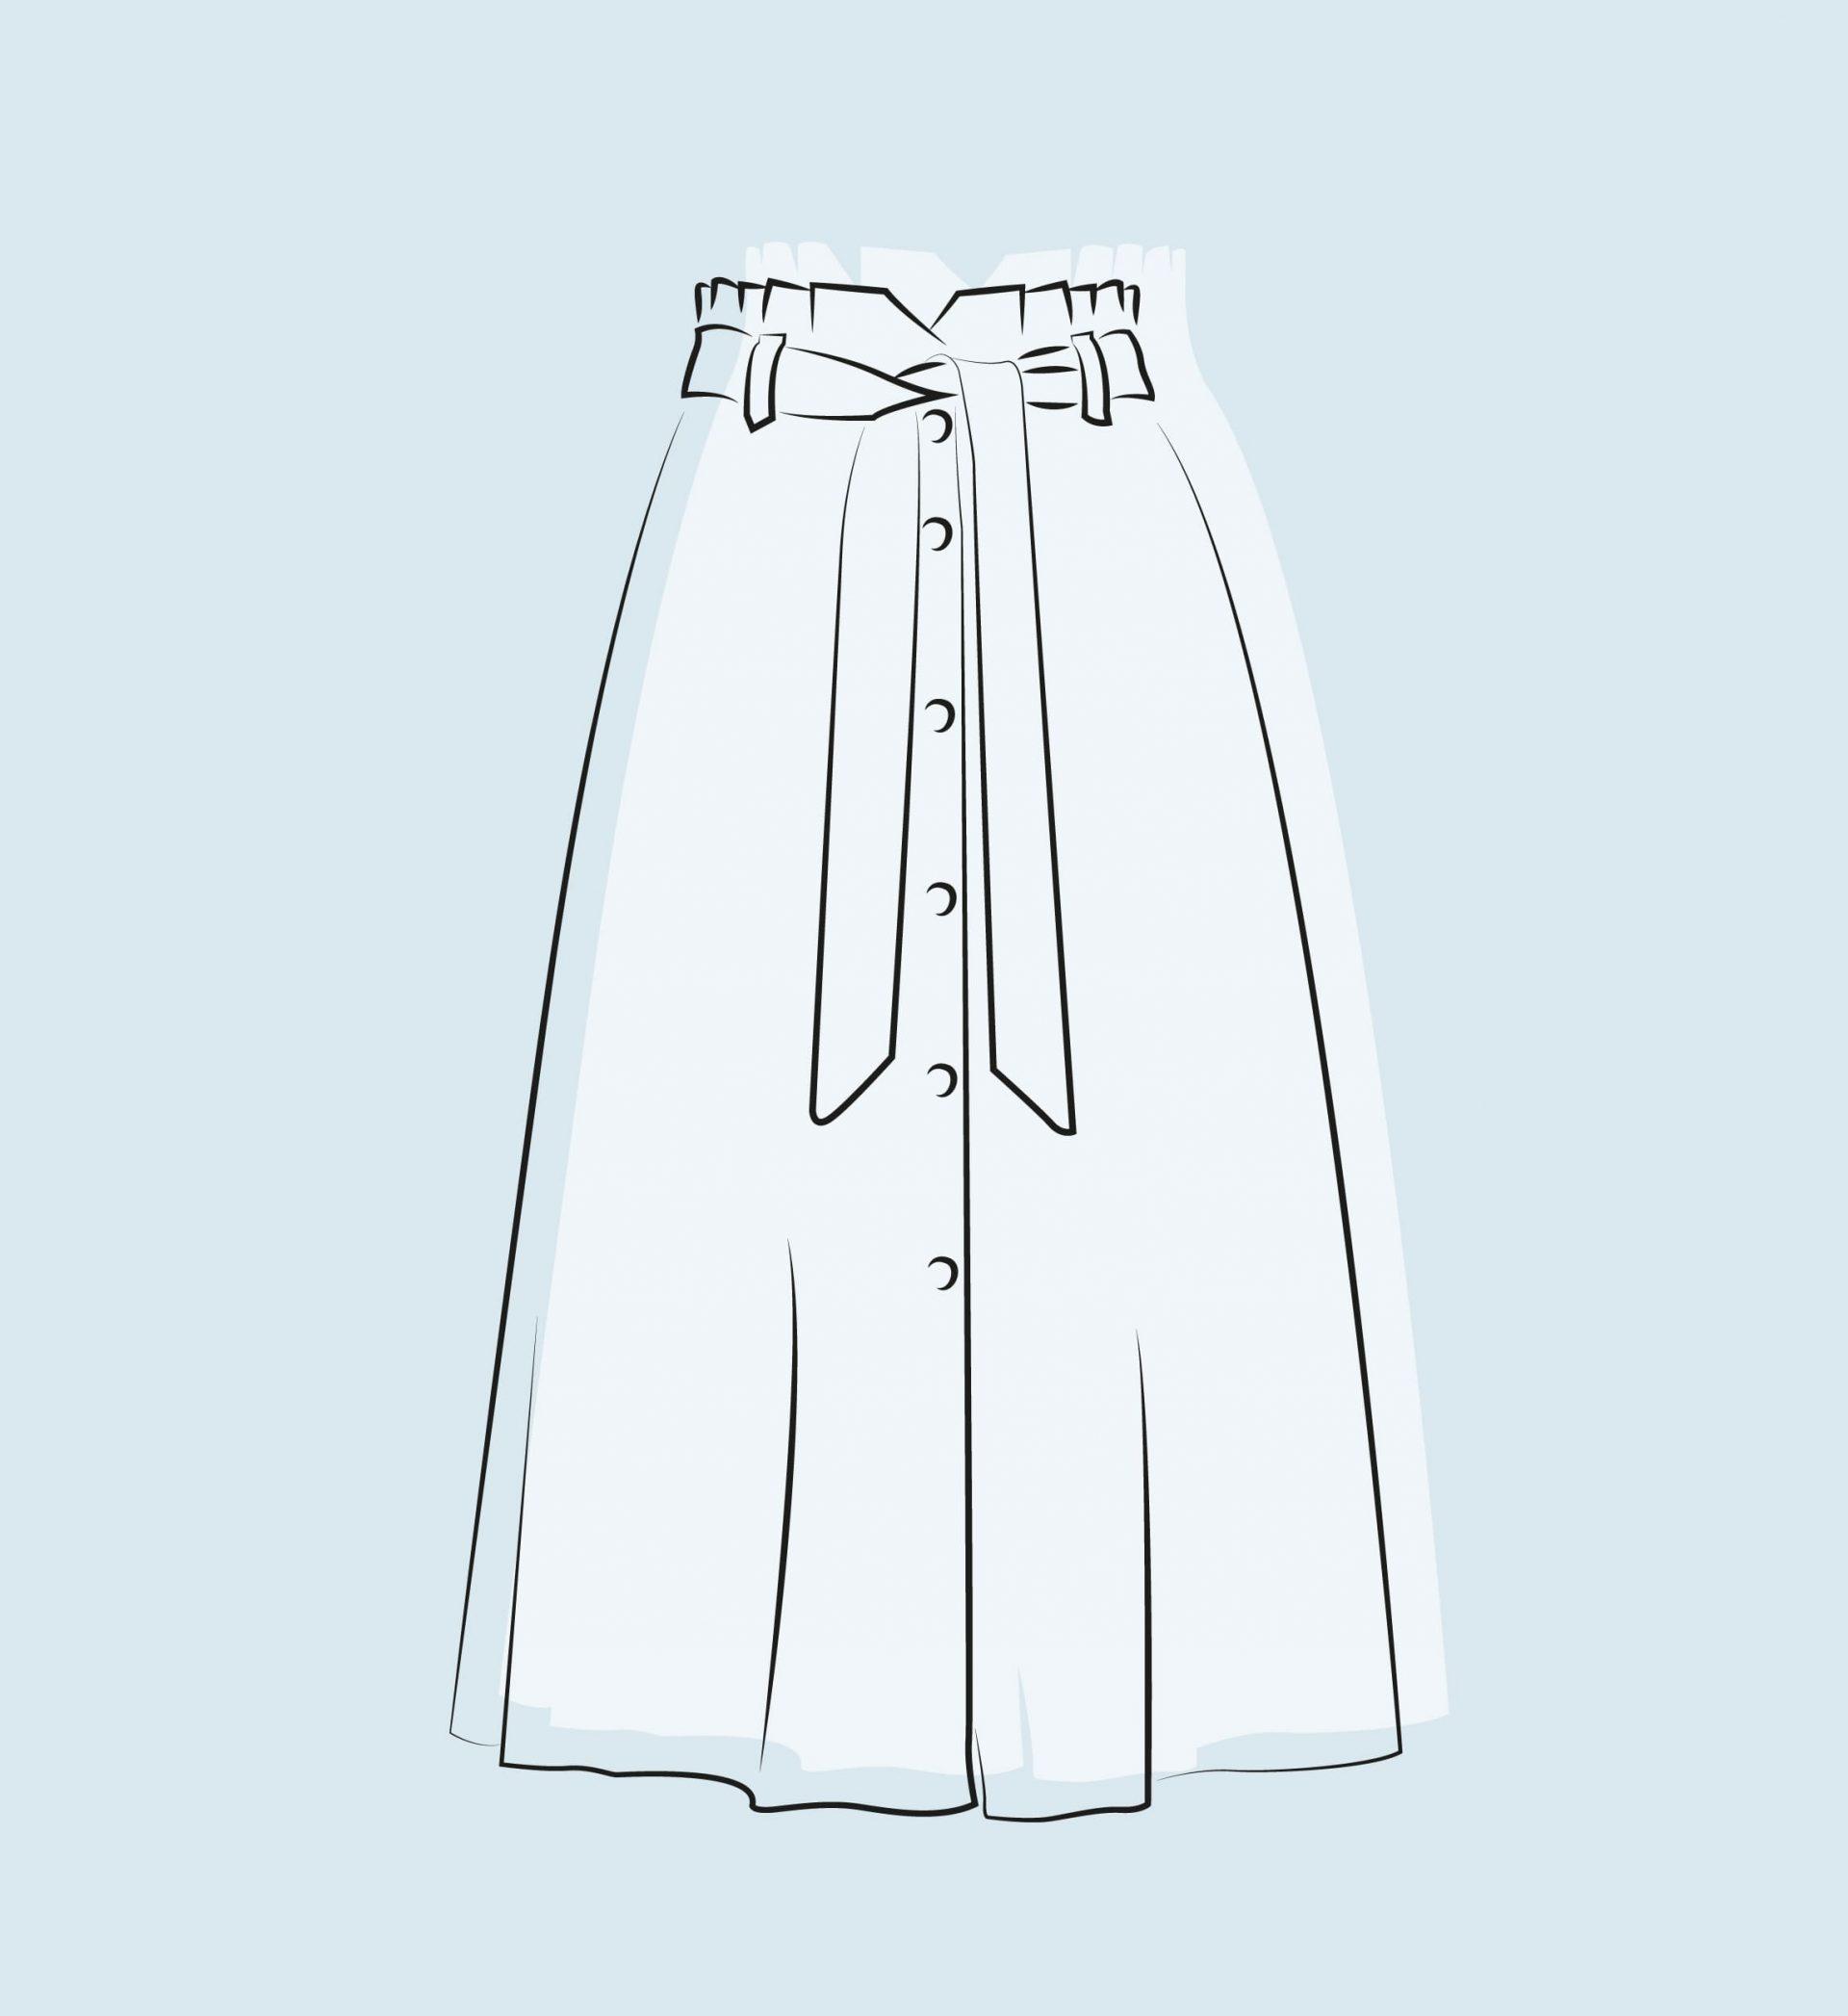 glosario de faldas